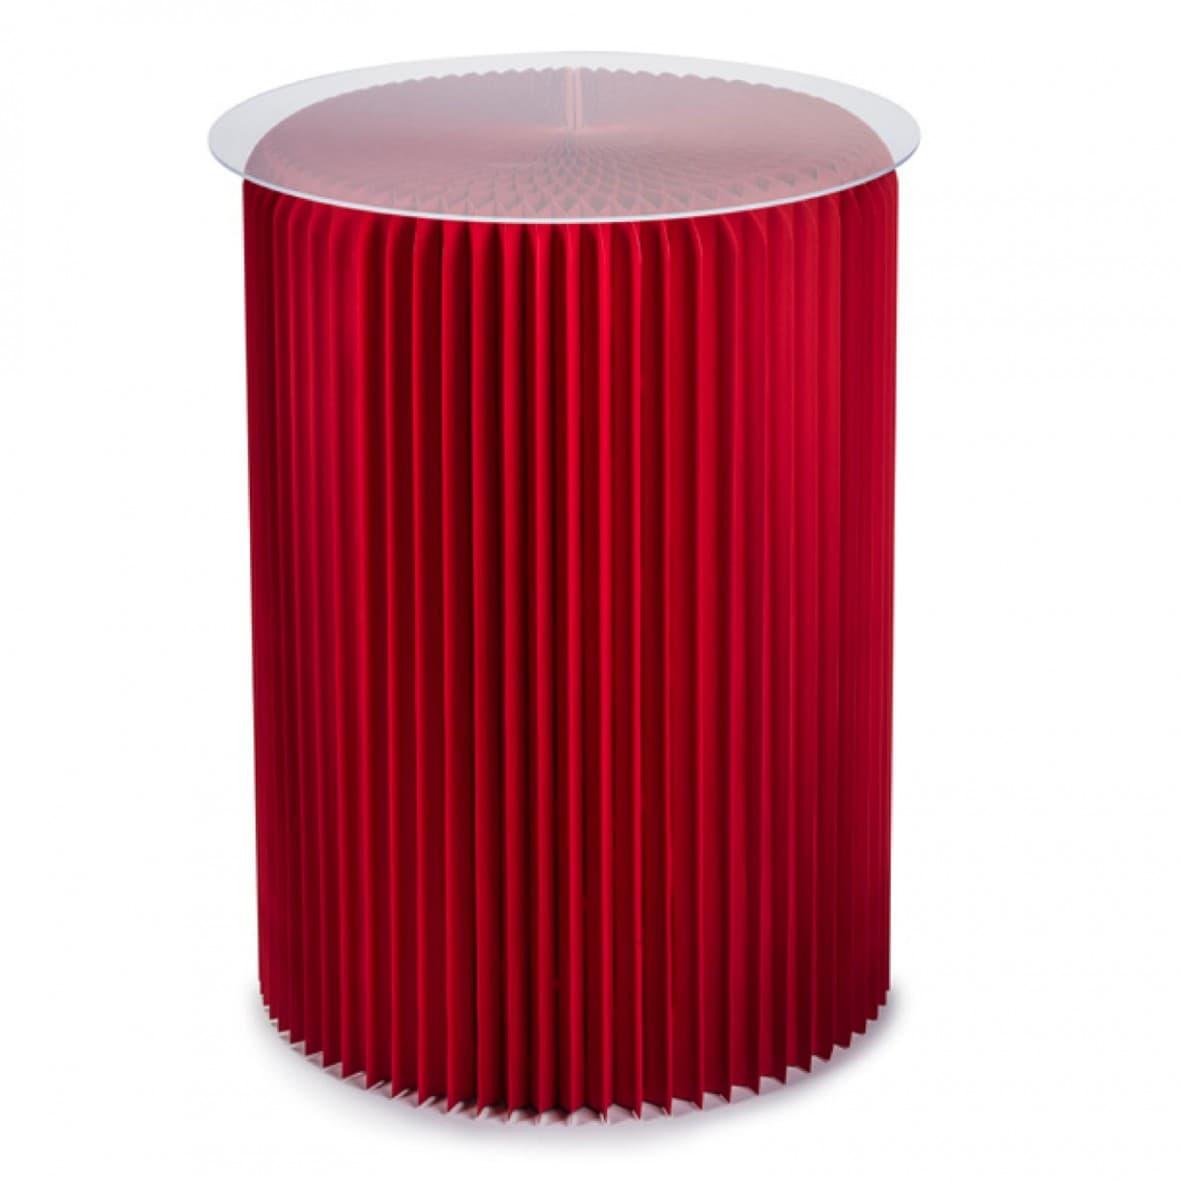 Столик под лампу высокий, красный